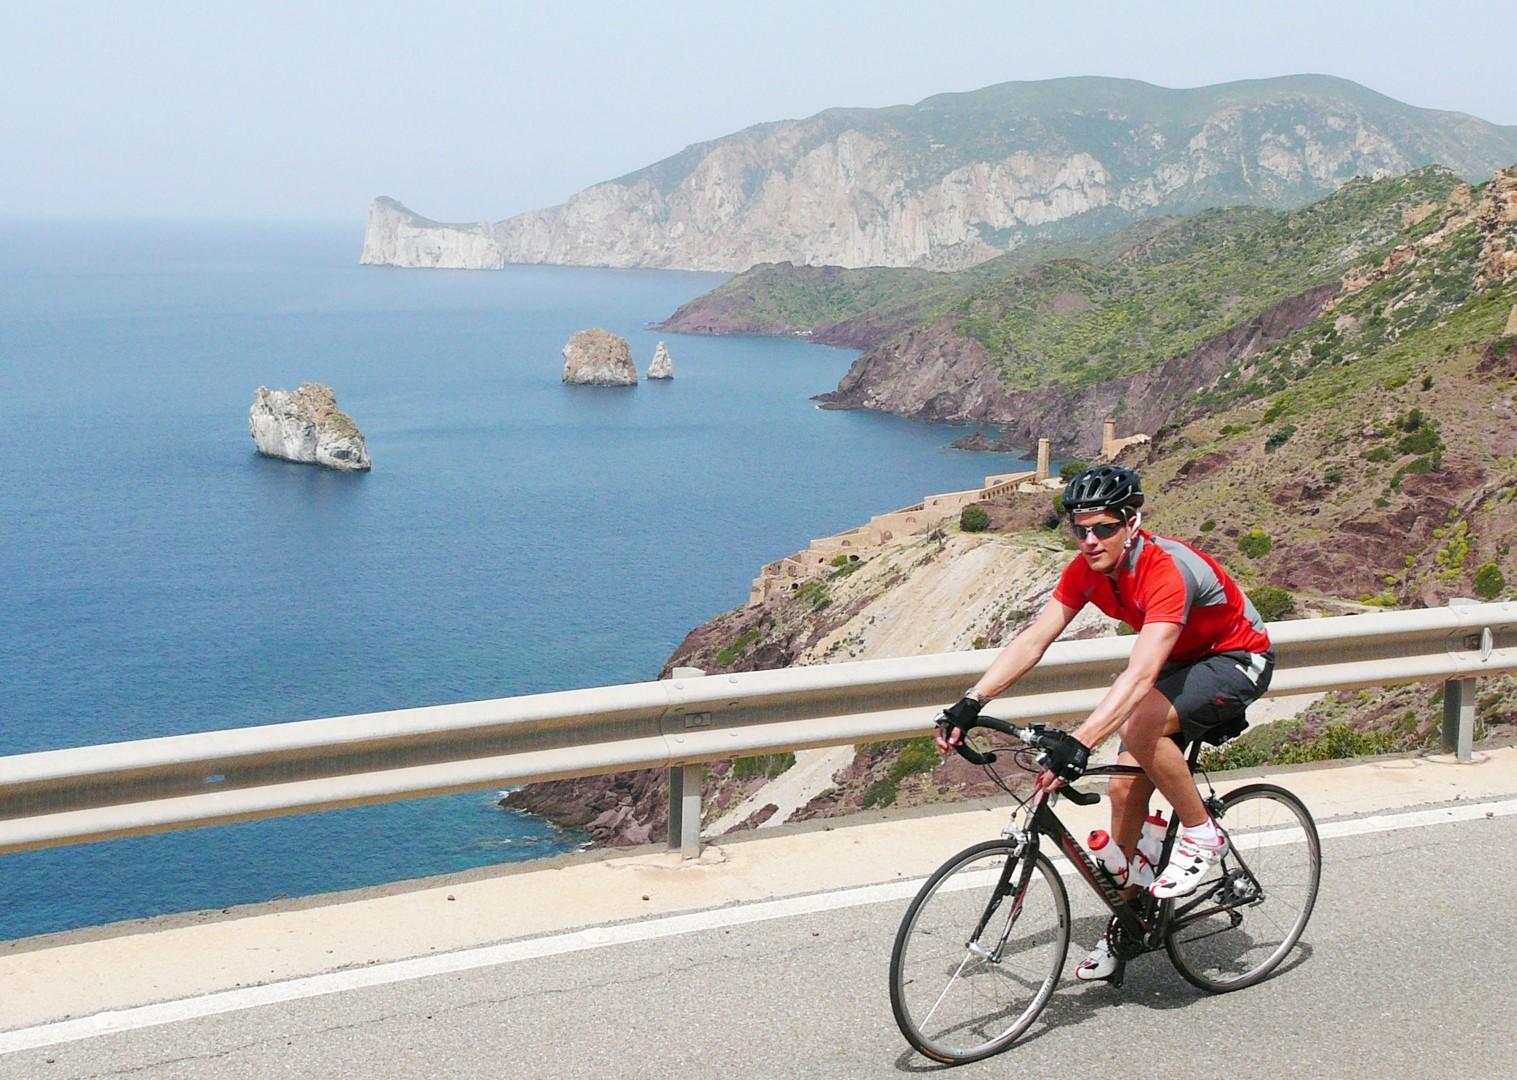 Sardinia-Coastal-Explorer-Self-Guided-Road-Cycling-Holiday-coastal-riding.JPG - Italy - Net Trade Rate - Coastal TranSardinia - Self-Guided Road Cycling Holiday - Italia Road Cycling